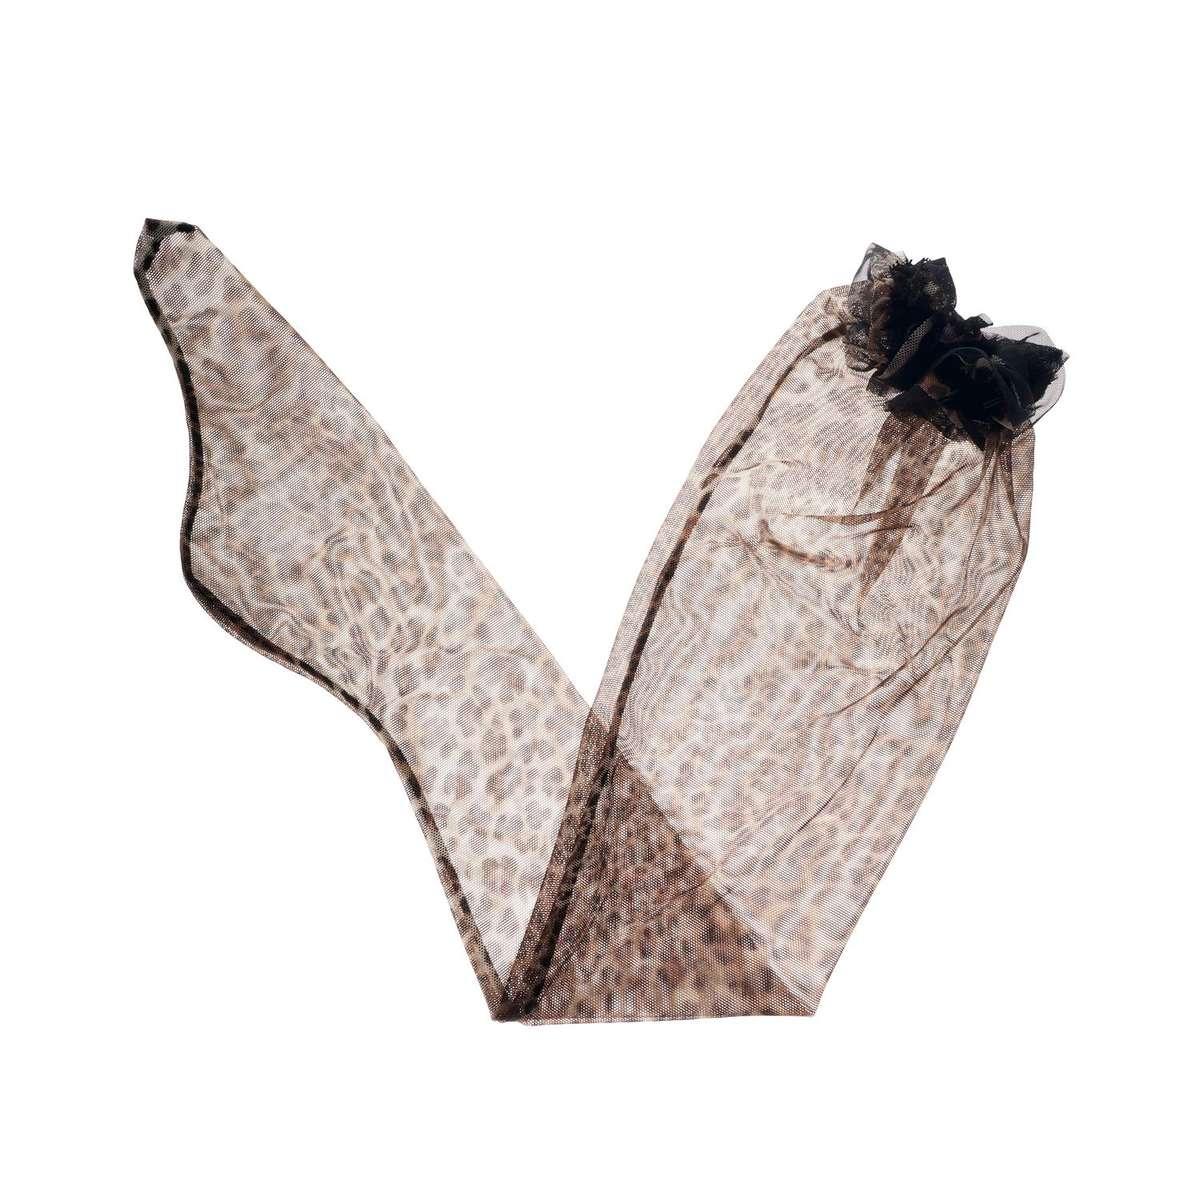 狂野豹紋吊襪